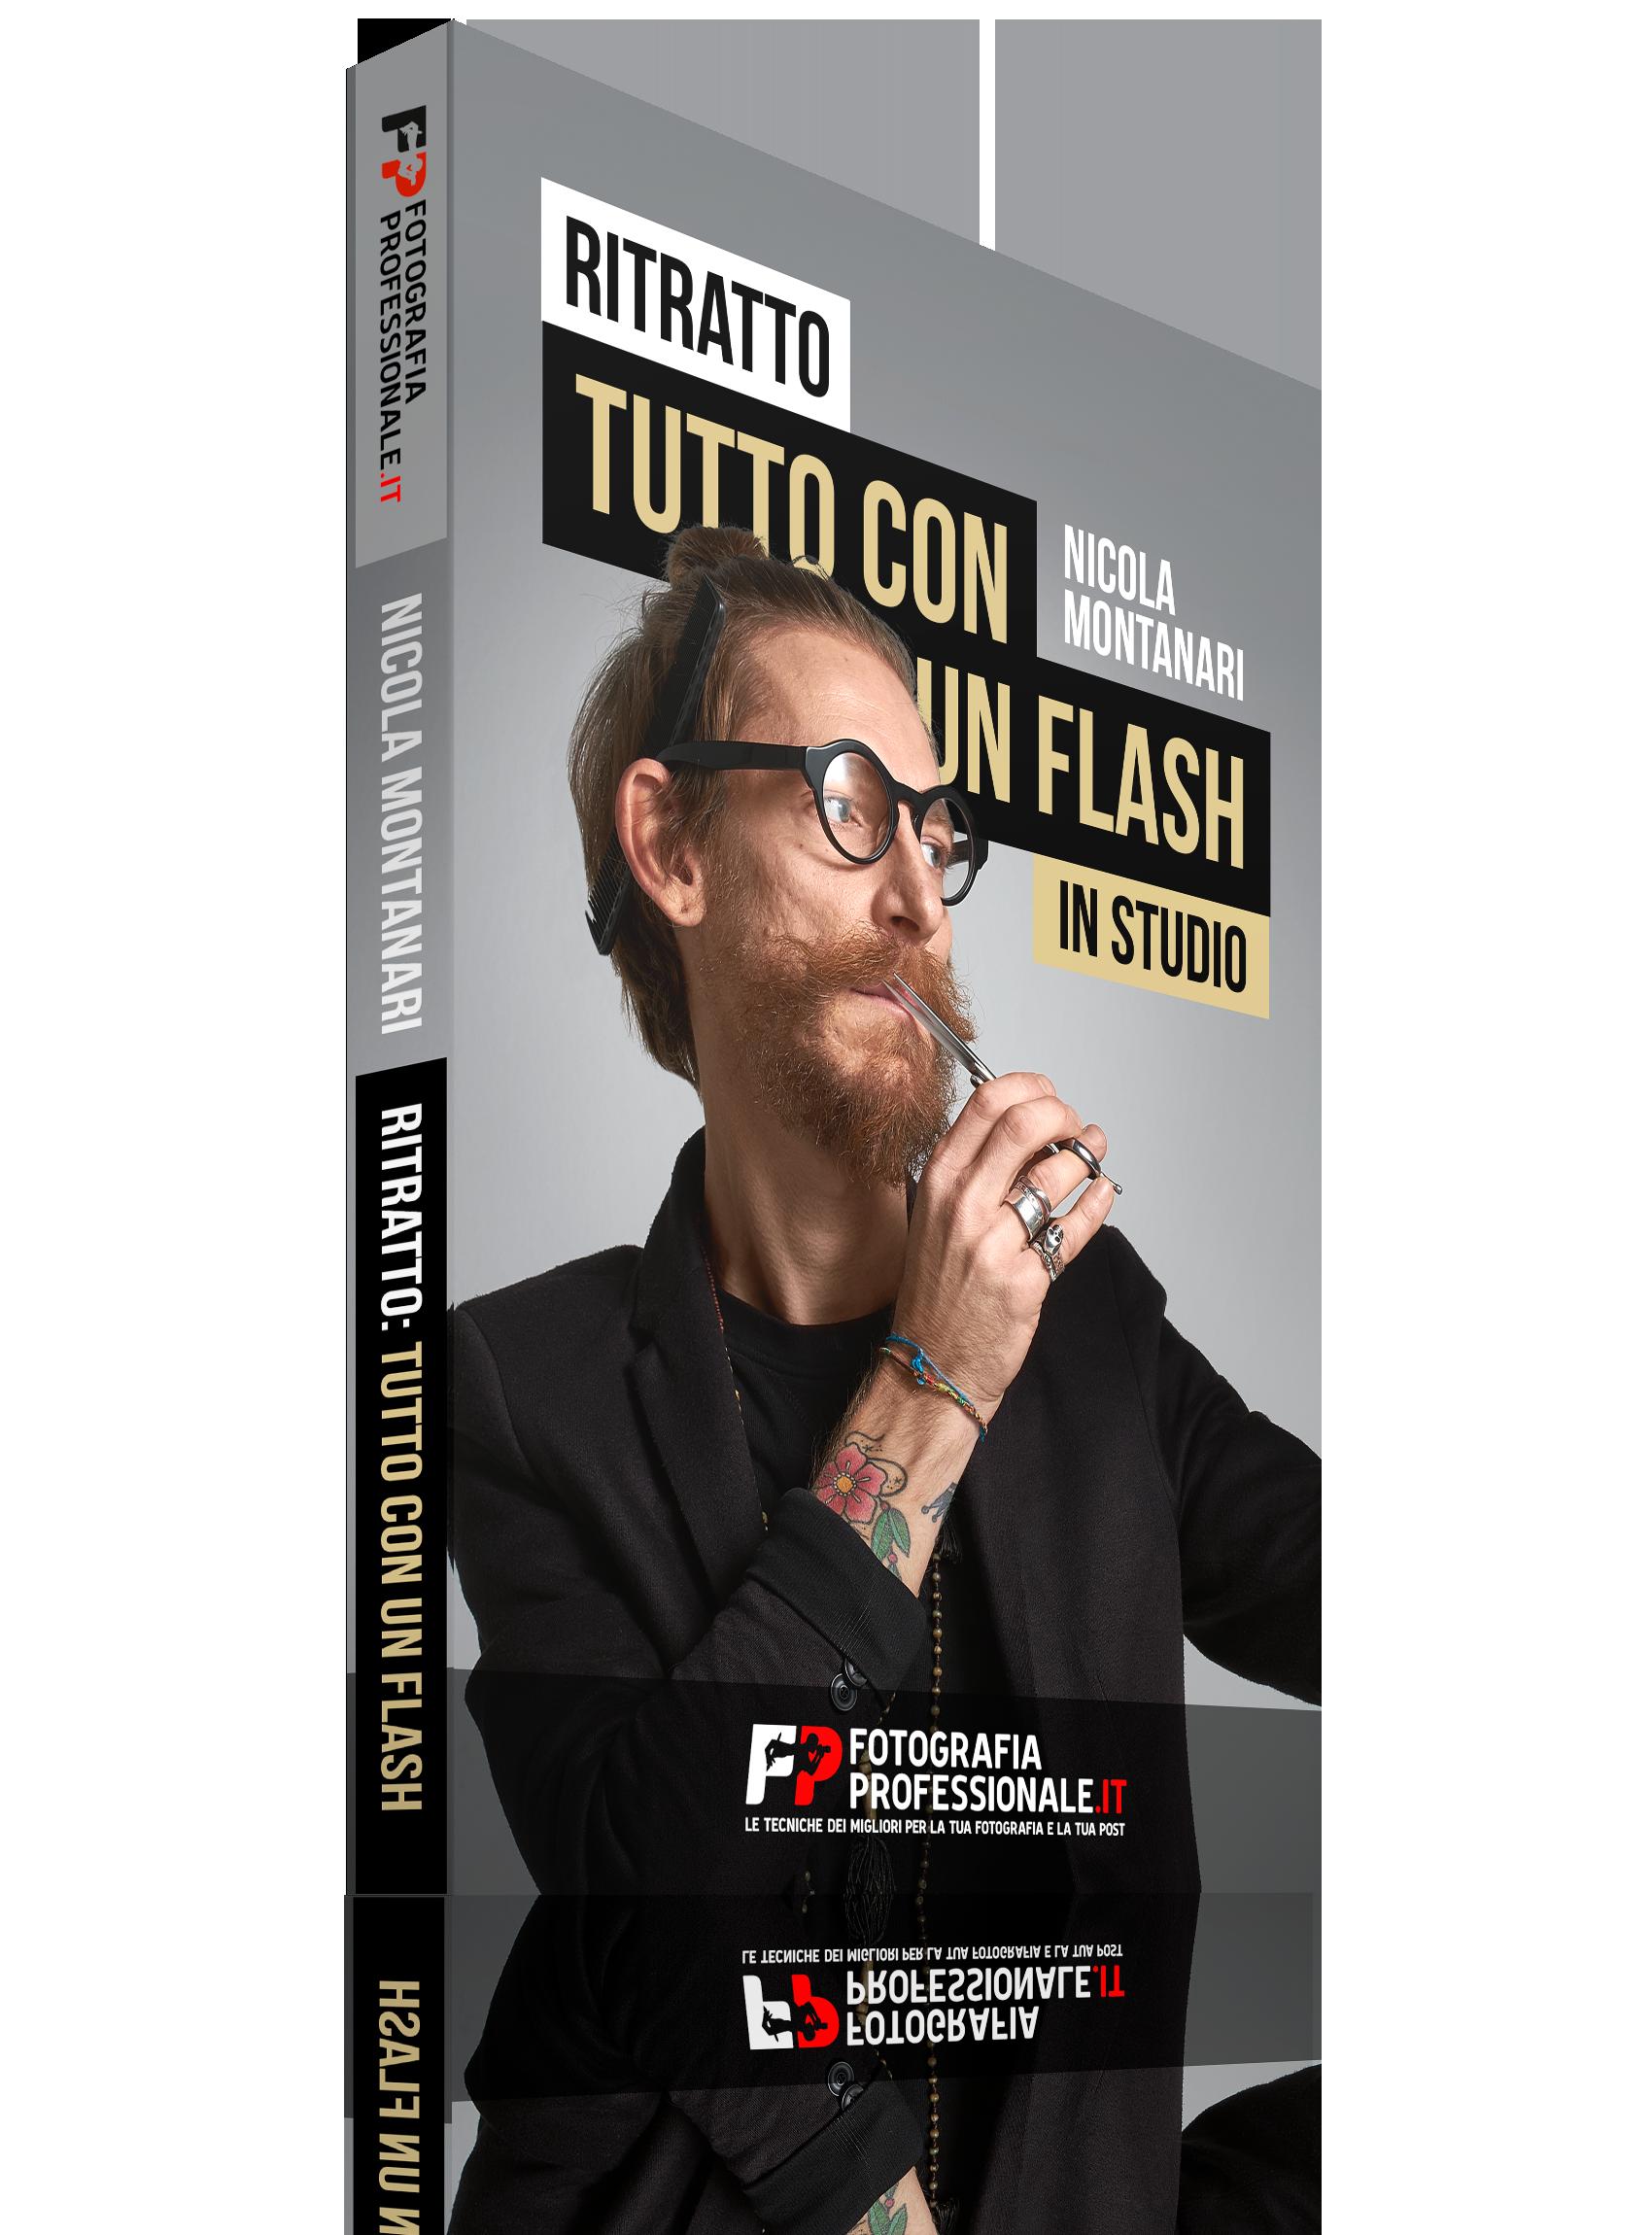 Ritratto in Studio: Tutto con un Flash!